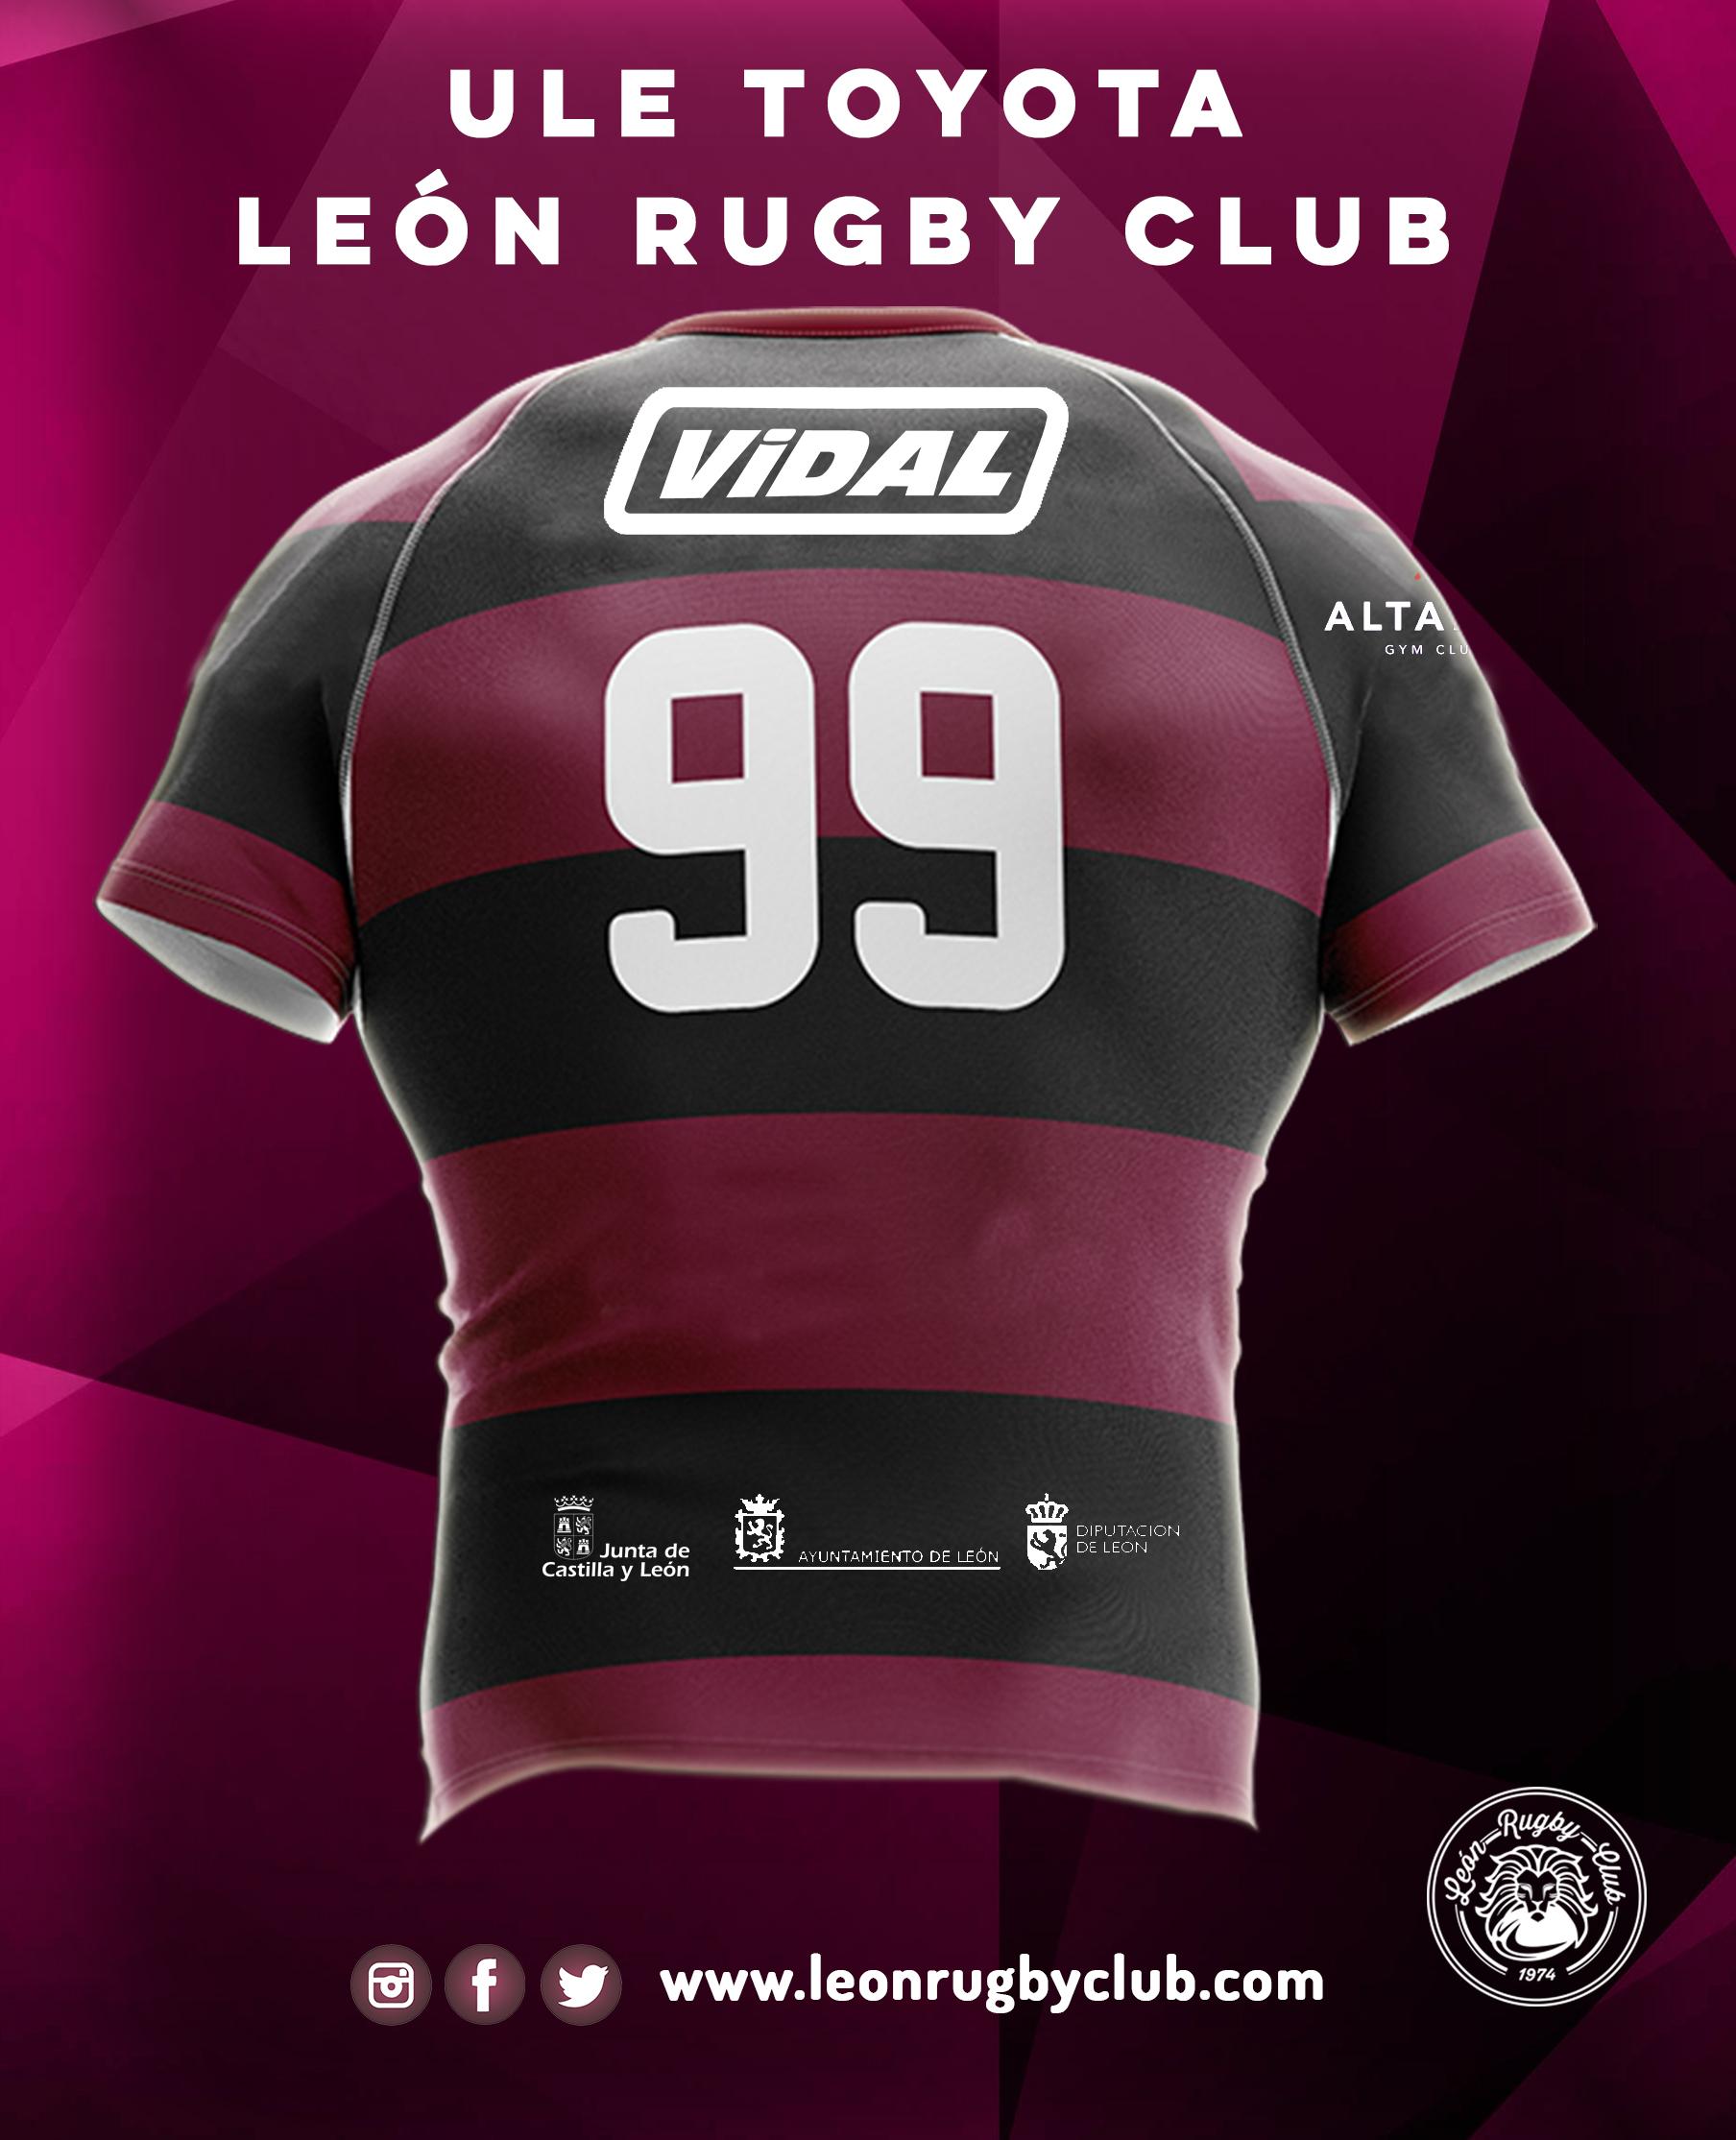 SÉNIOR MASCULINO Camiseta y Patrocinadores 2019-2020 Trasera